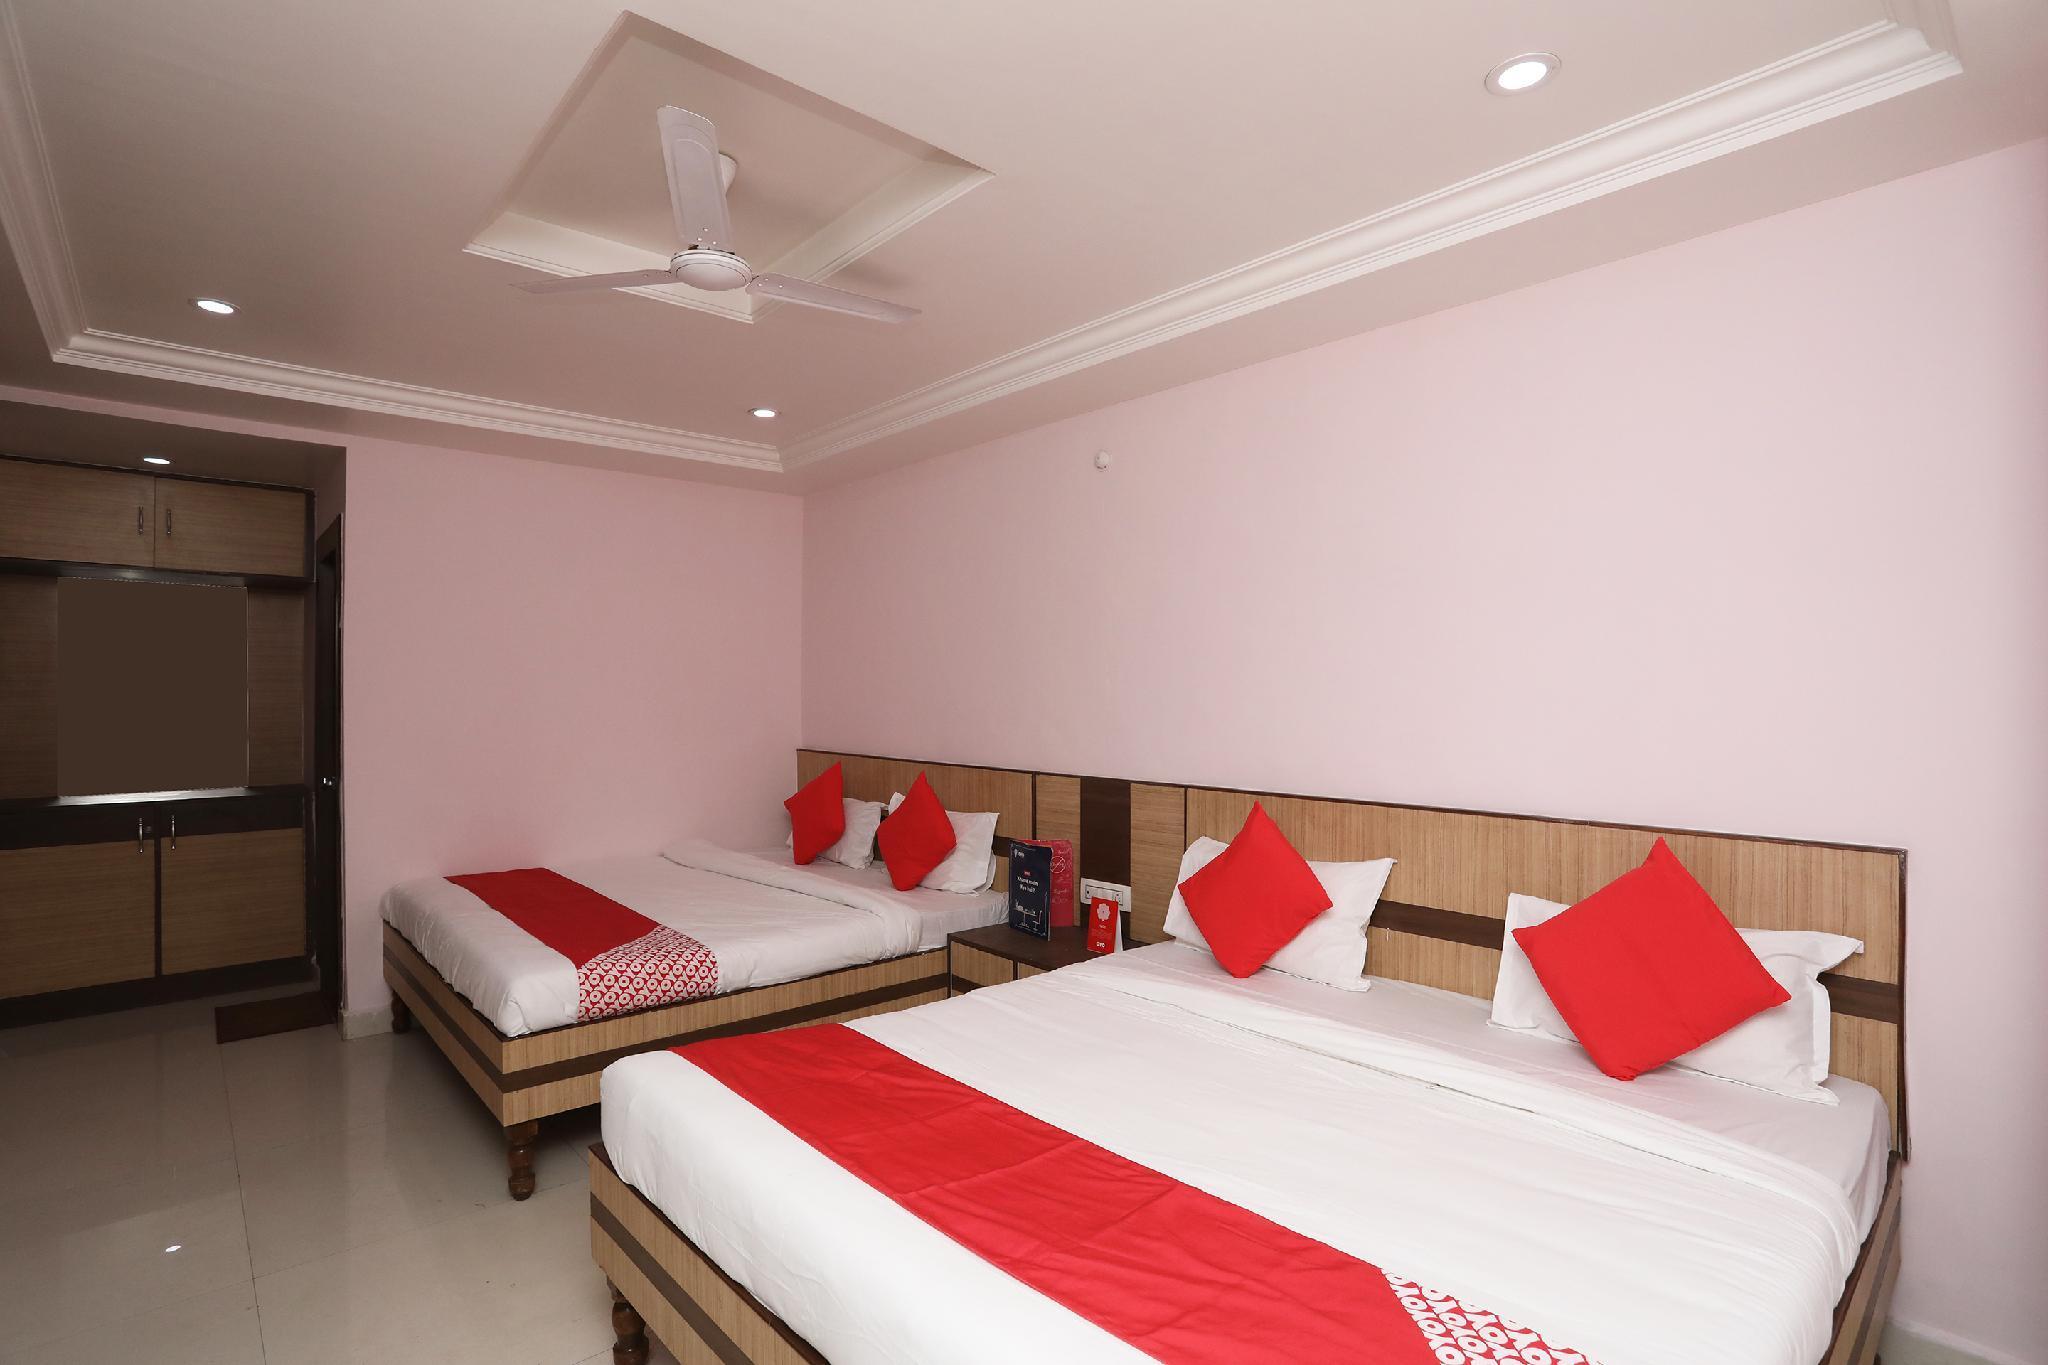 OYO 29116 Choudhary Guest House, Gwalior